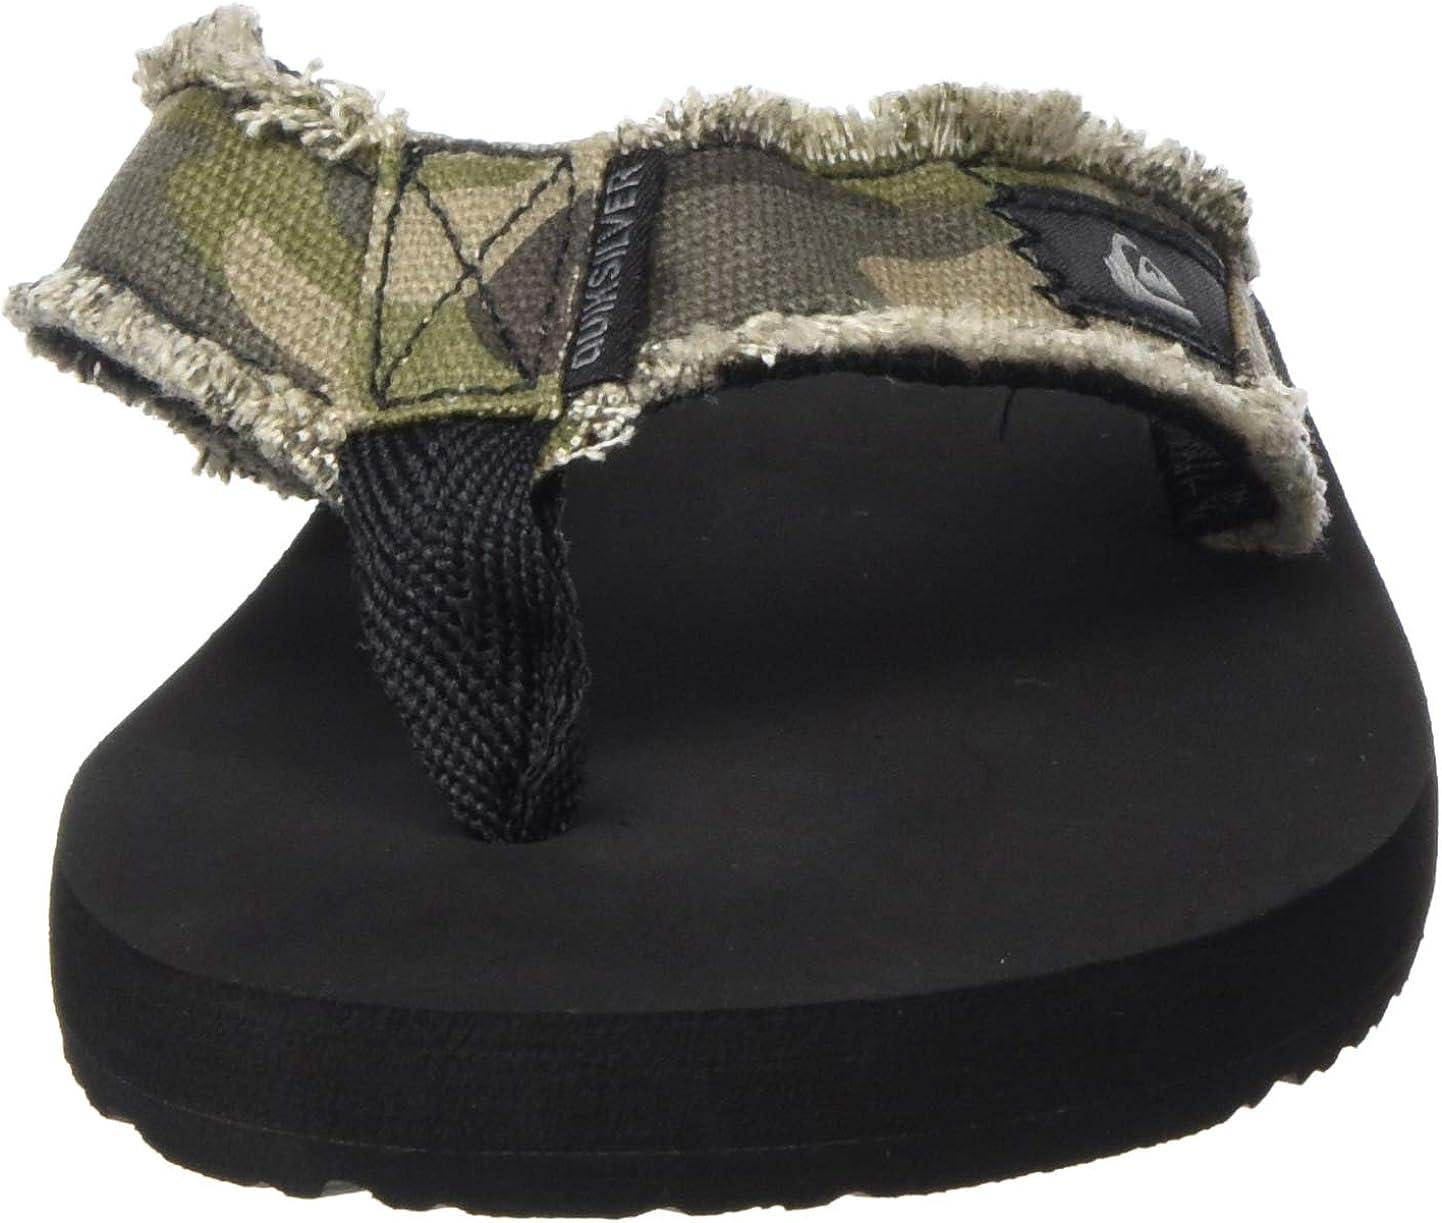 Zapatos de Playa y Piscina para Ni/ños Quiksilver Monkey Abyss Youth